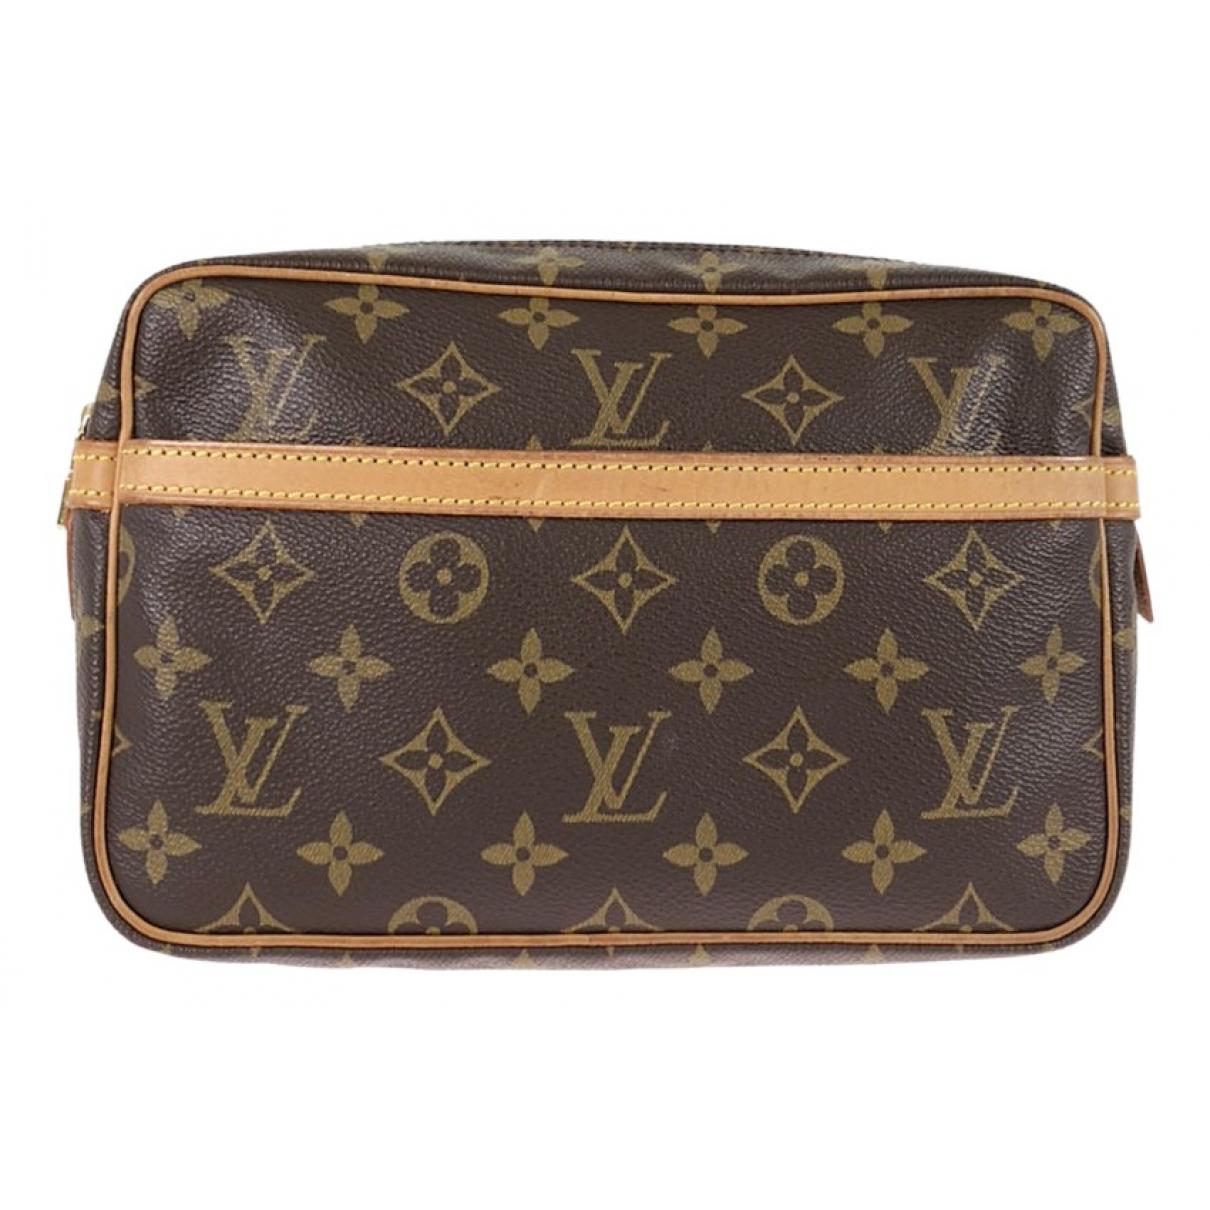 Louis Vuitton - Sac de voyage Compiegne 23 pour femme en toile - marron